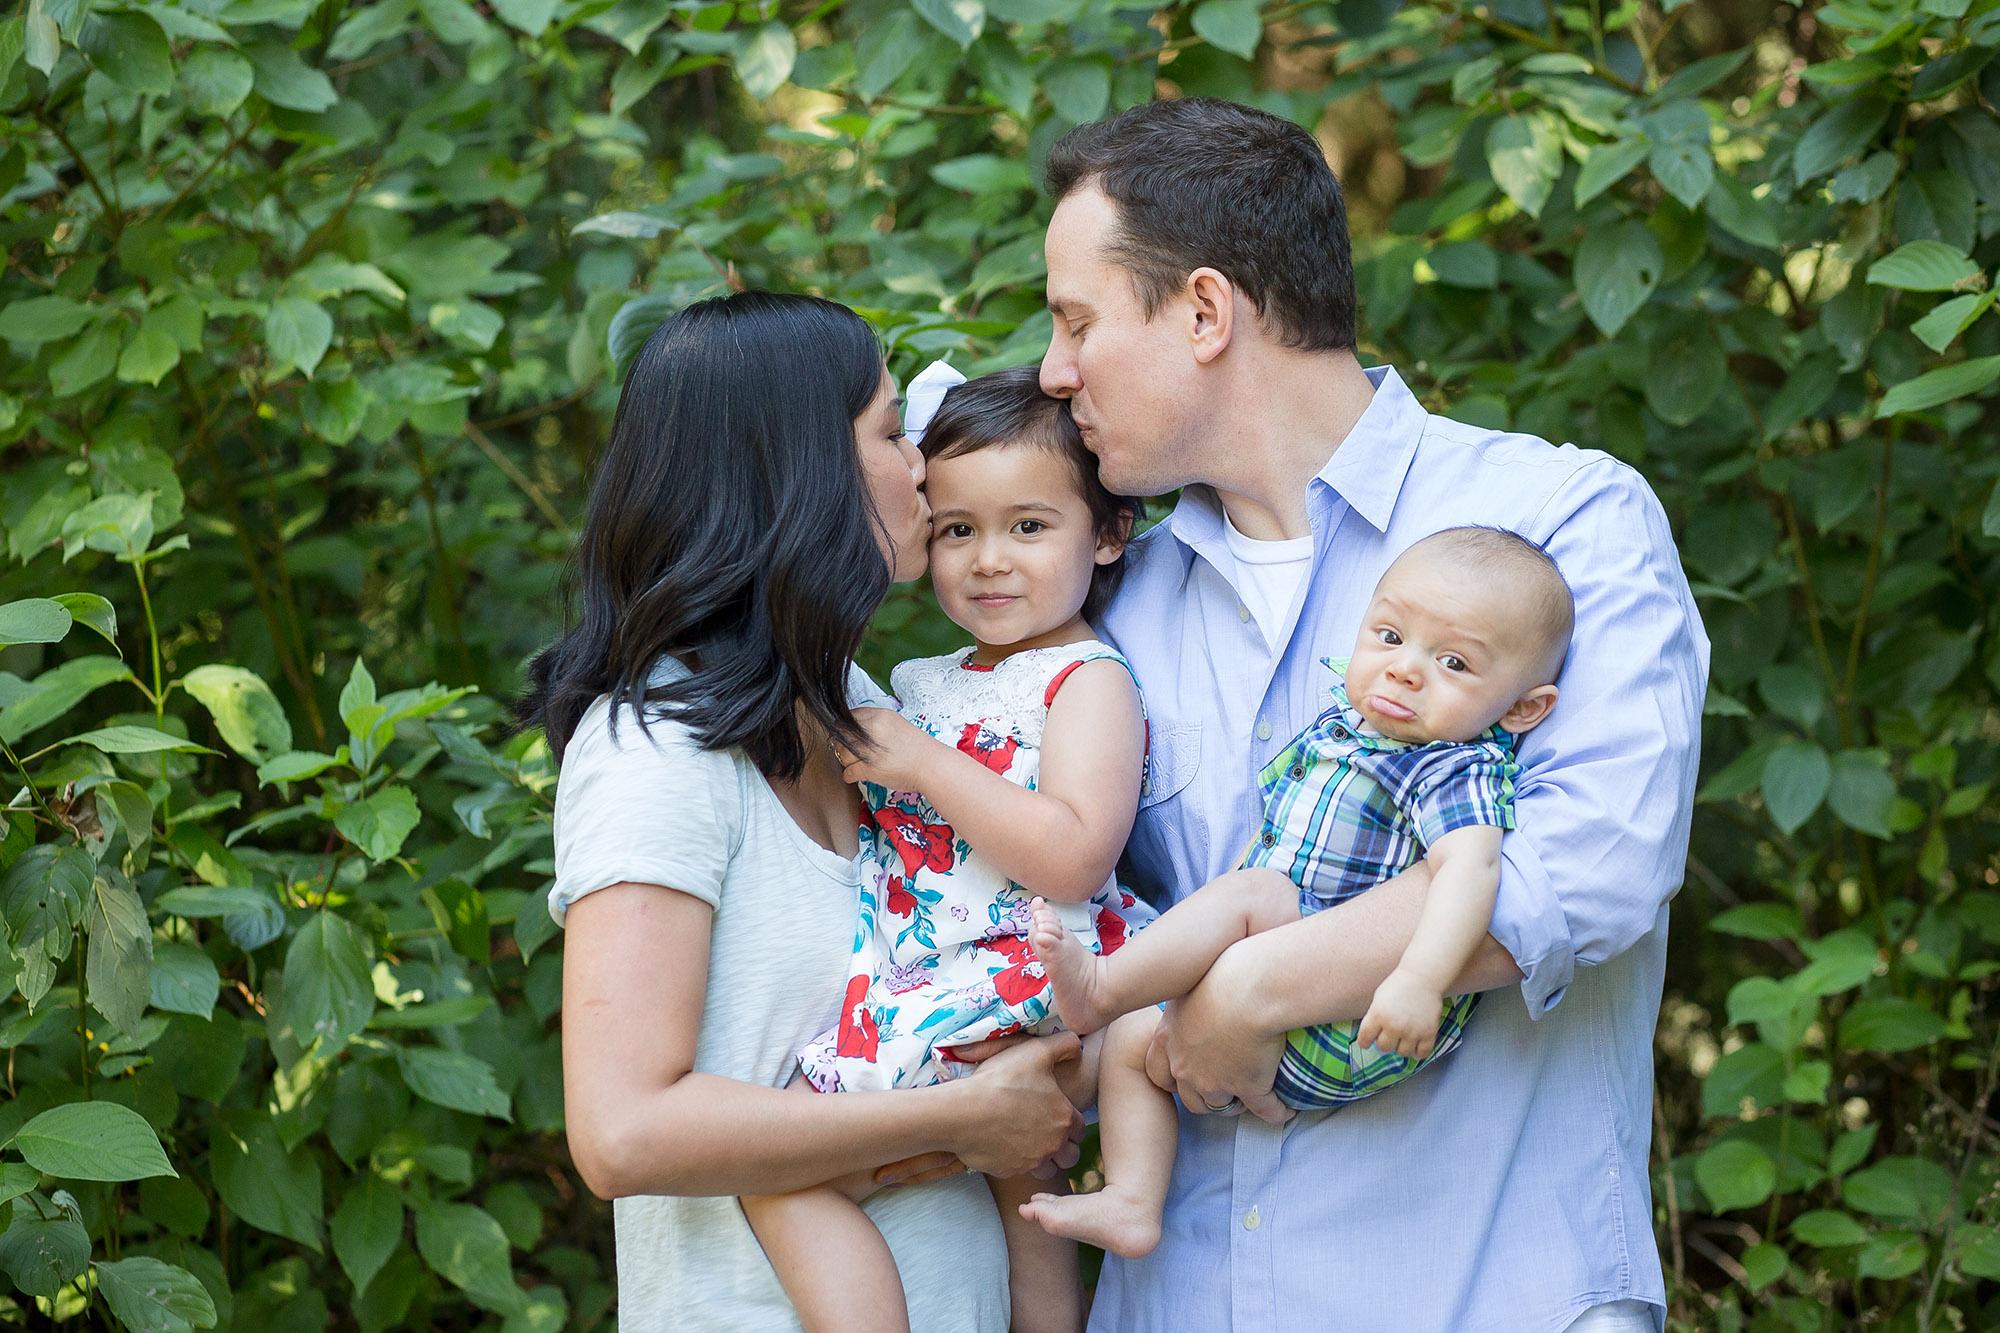 burkhardt-family011.jpg